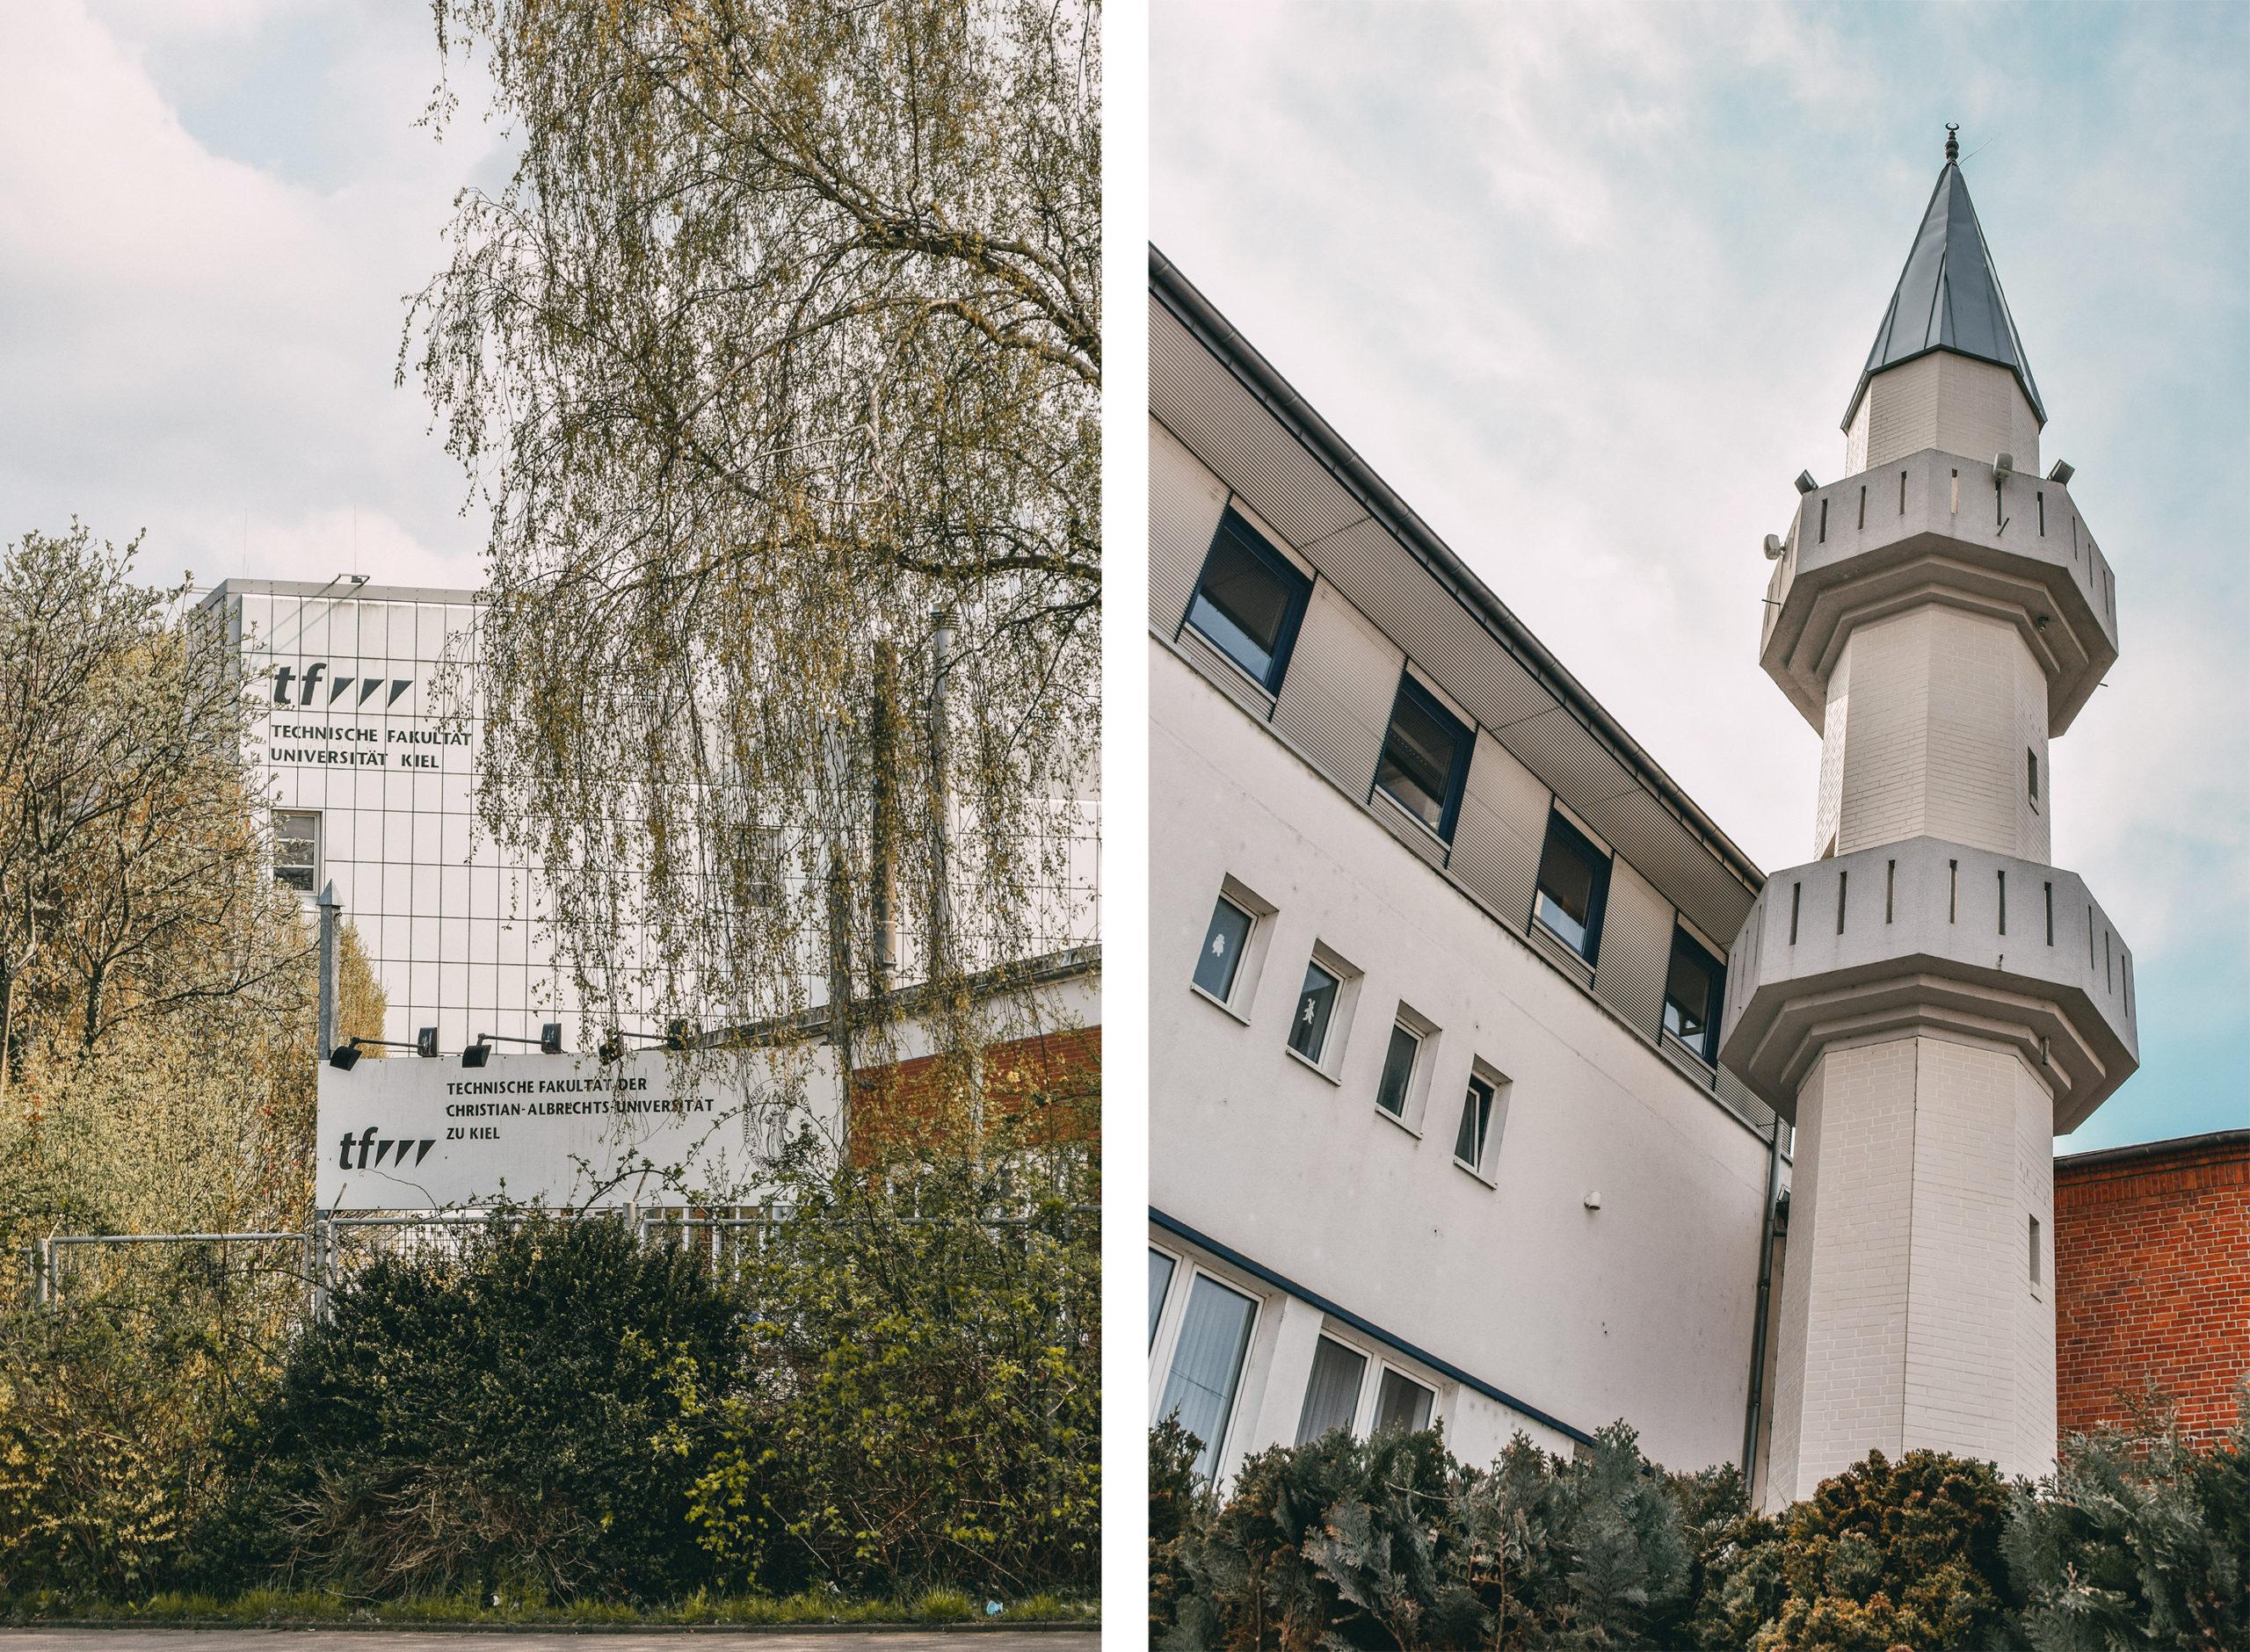 Technische Fakultät, Moschee